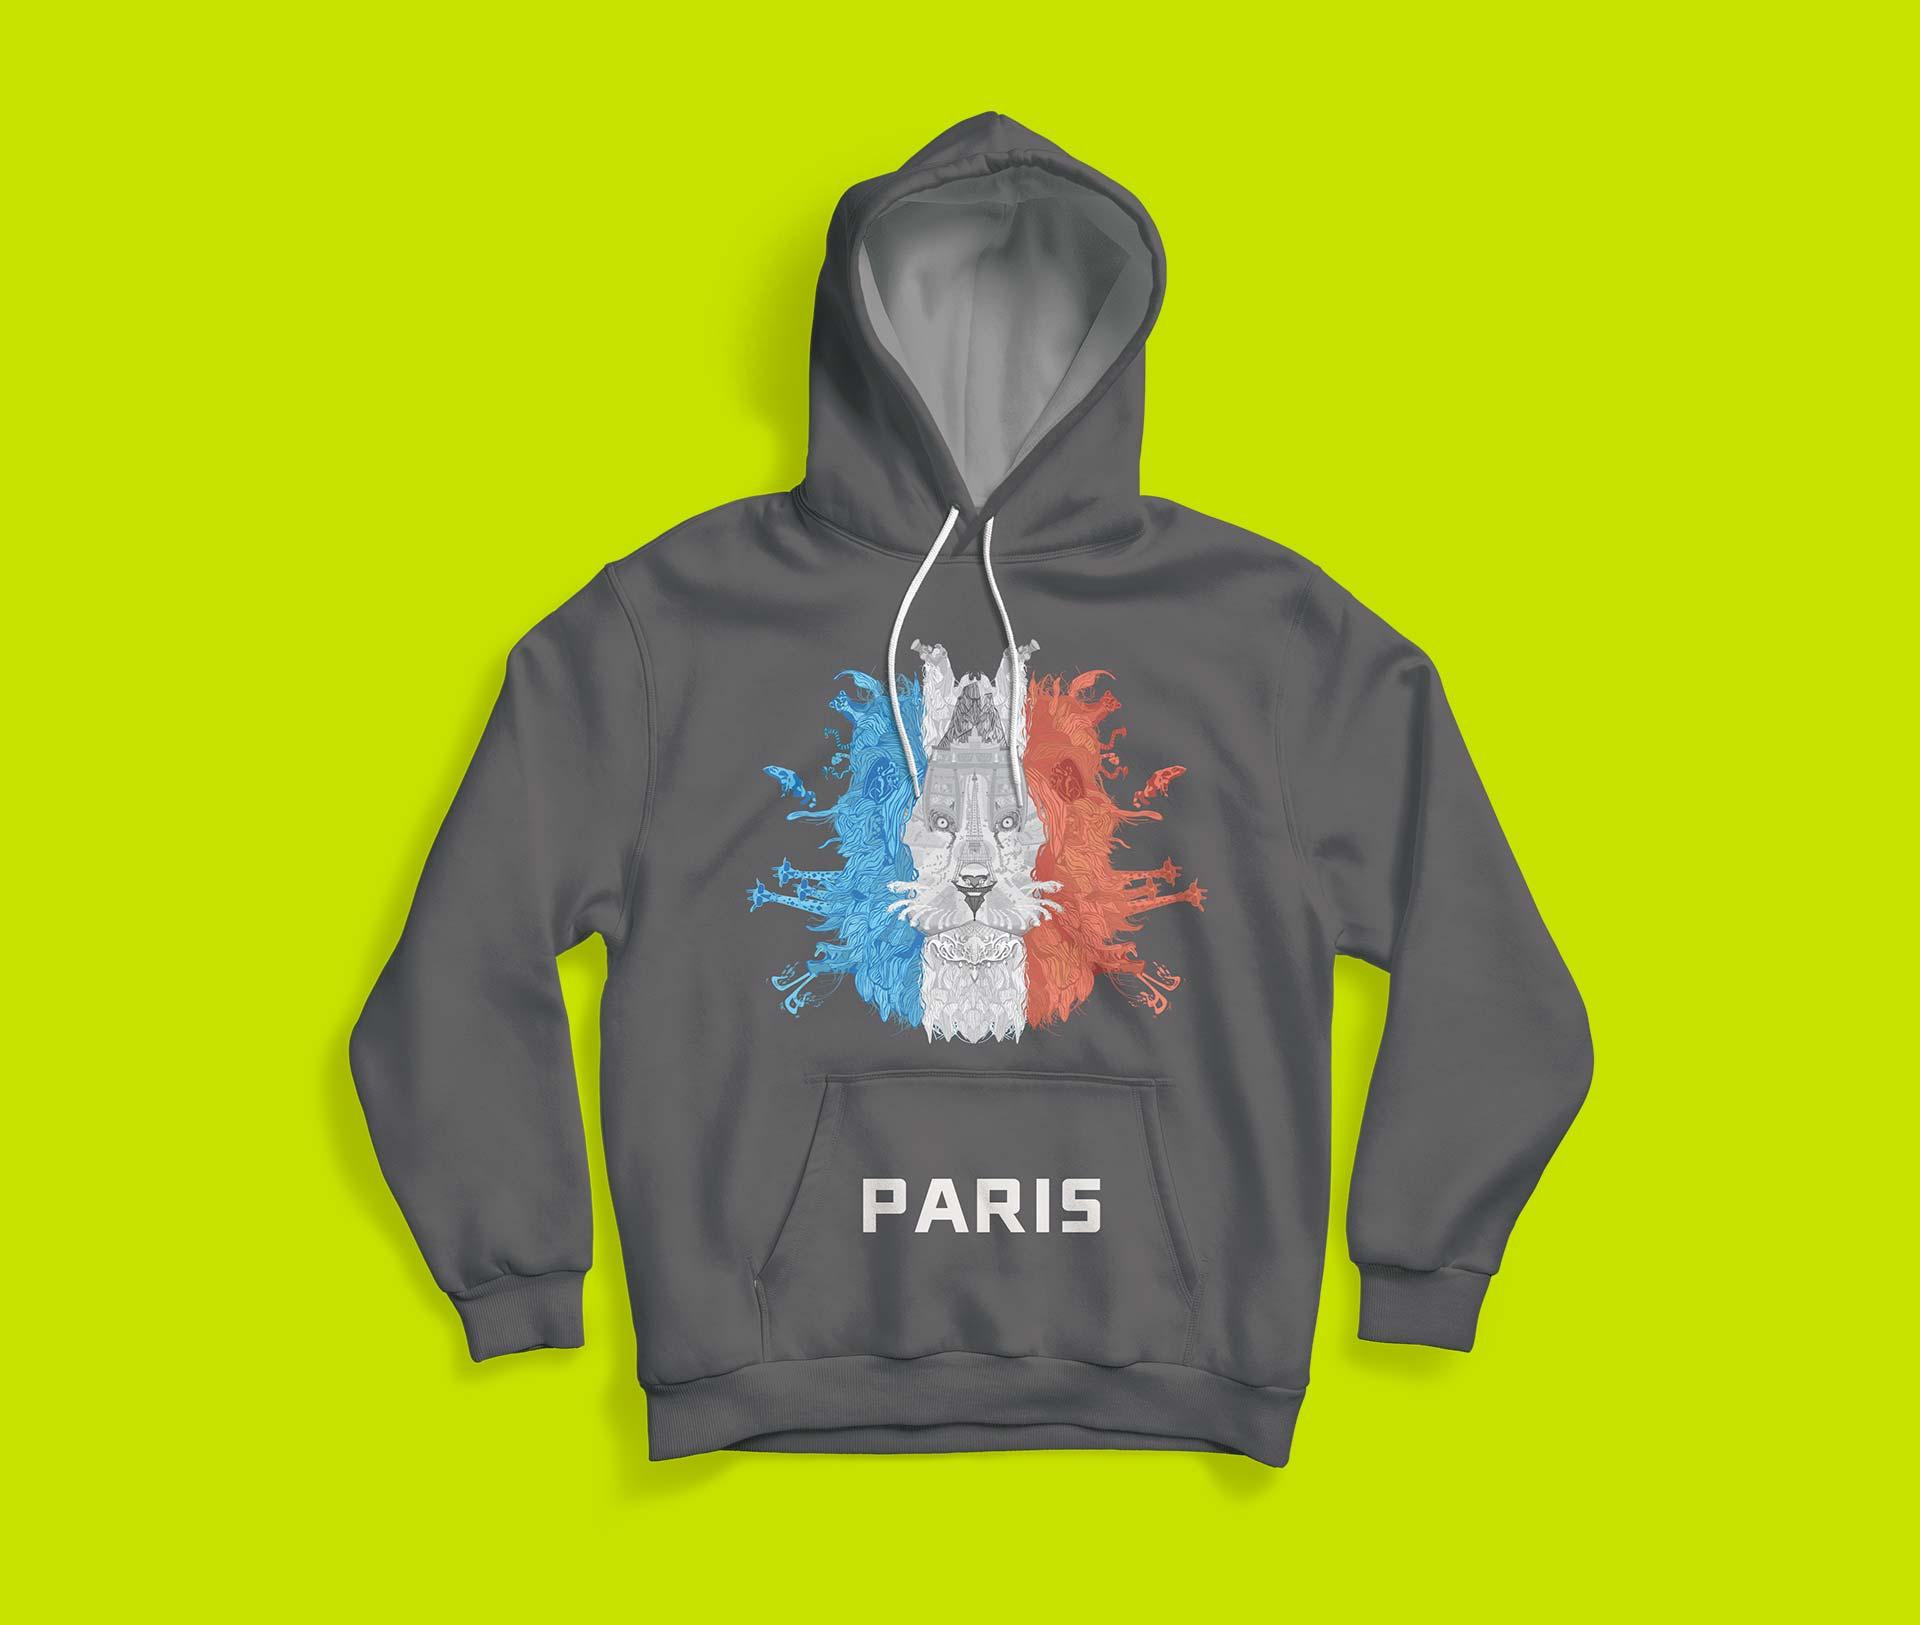 lion-head-paris-landmark-illustration-hoodie